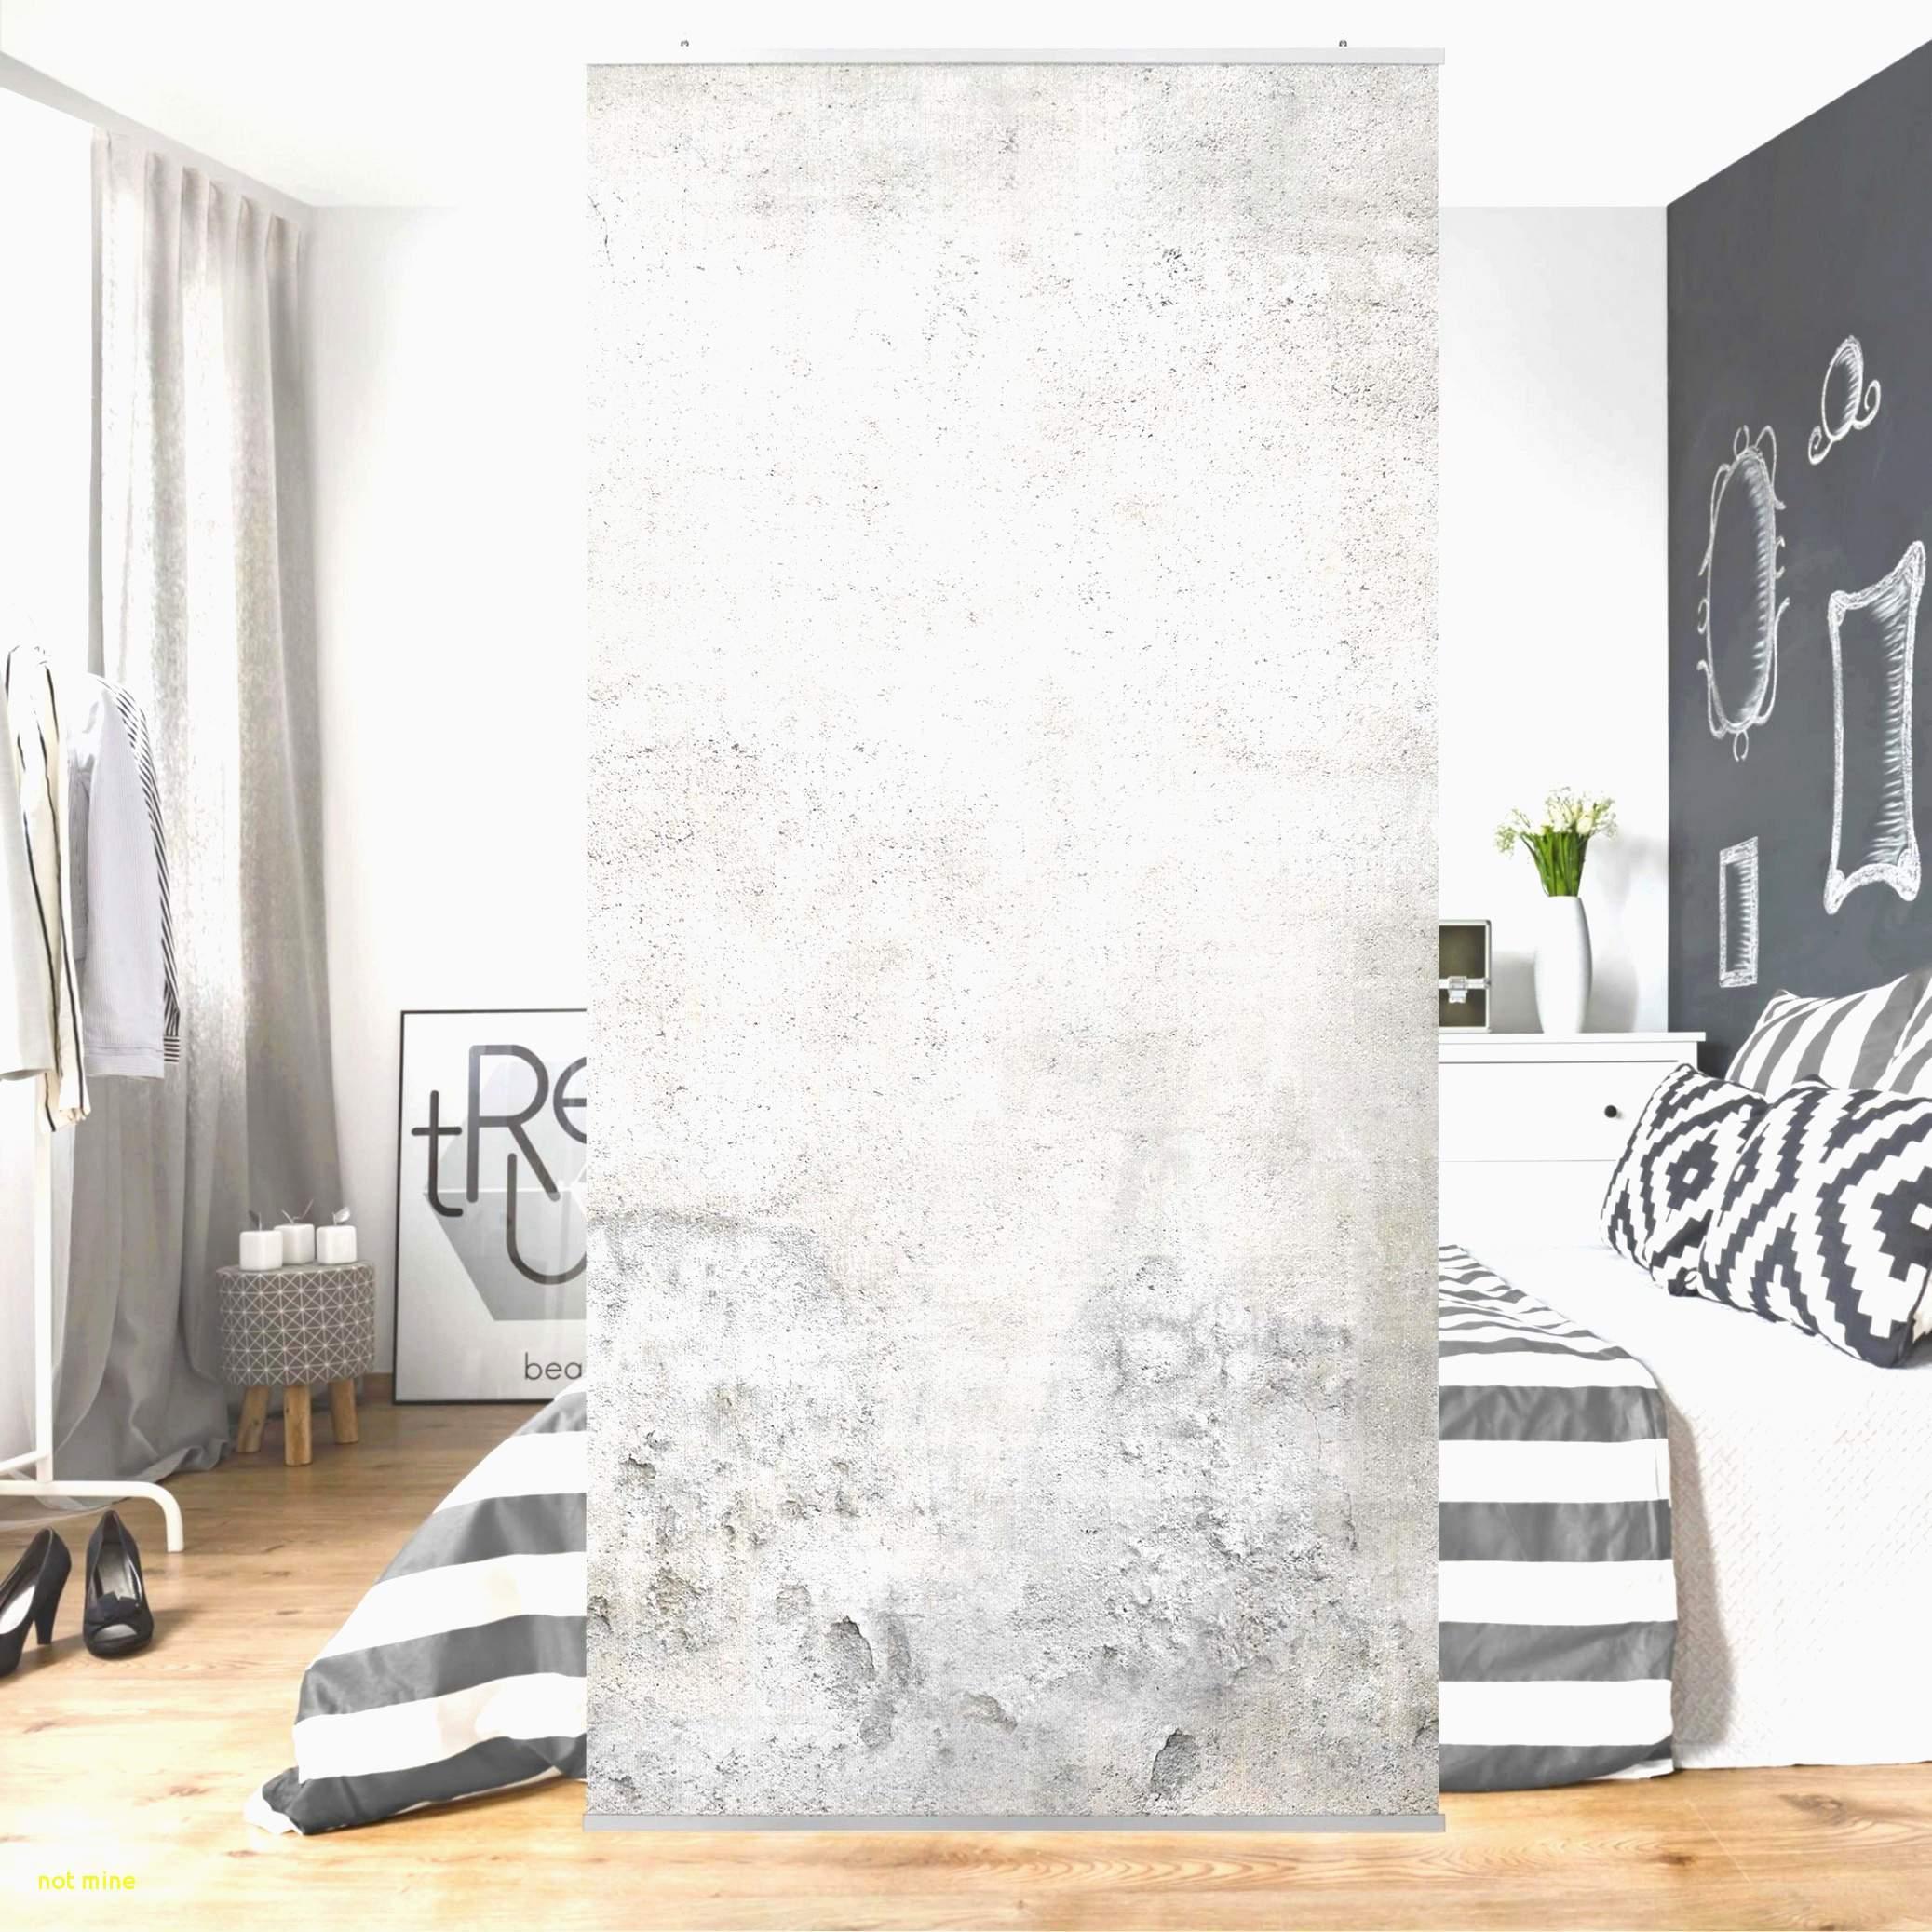 japanischer garten ideen neu wohnzimmer graue wand einzigartig dunkelblaue wand of japanischer garten ideen